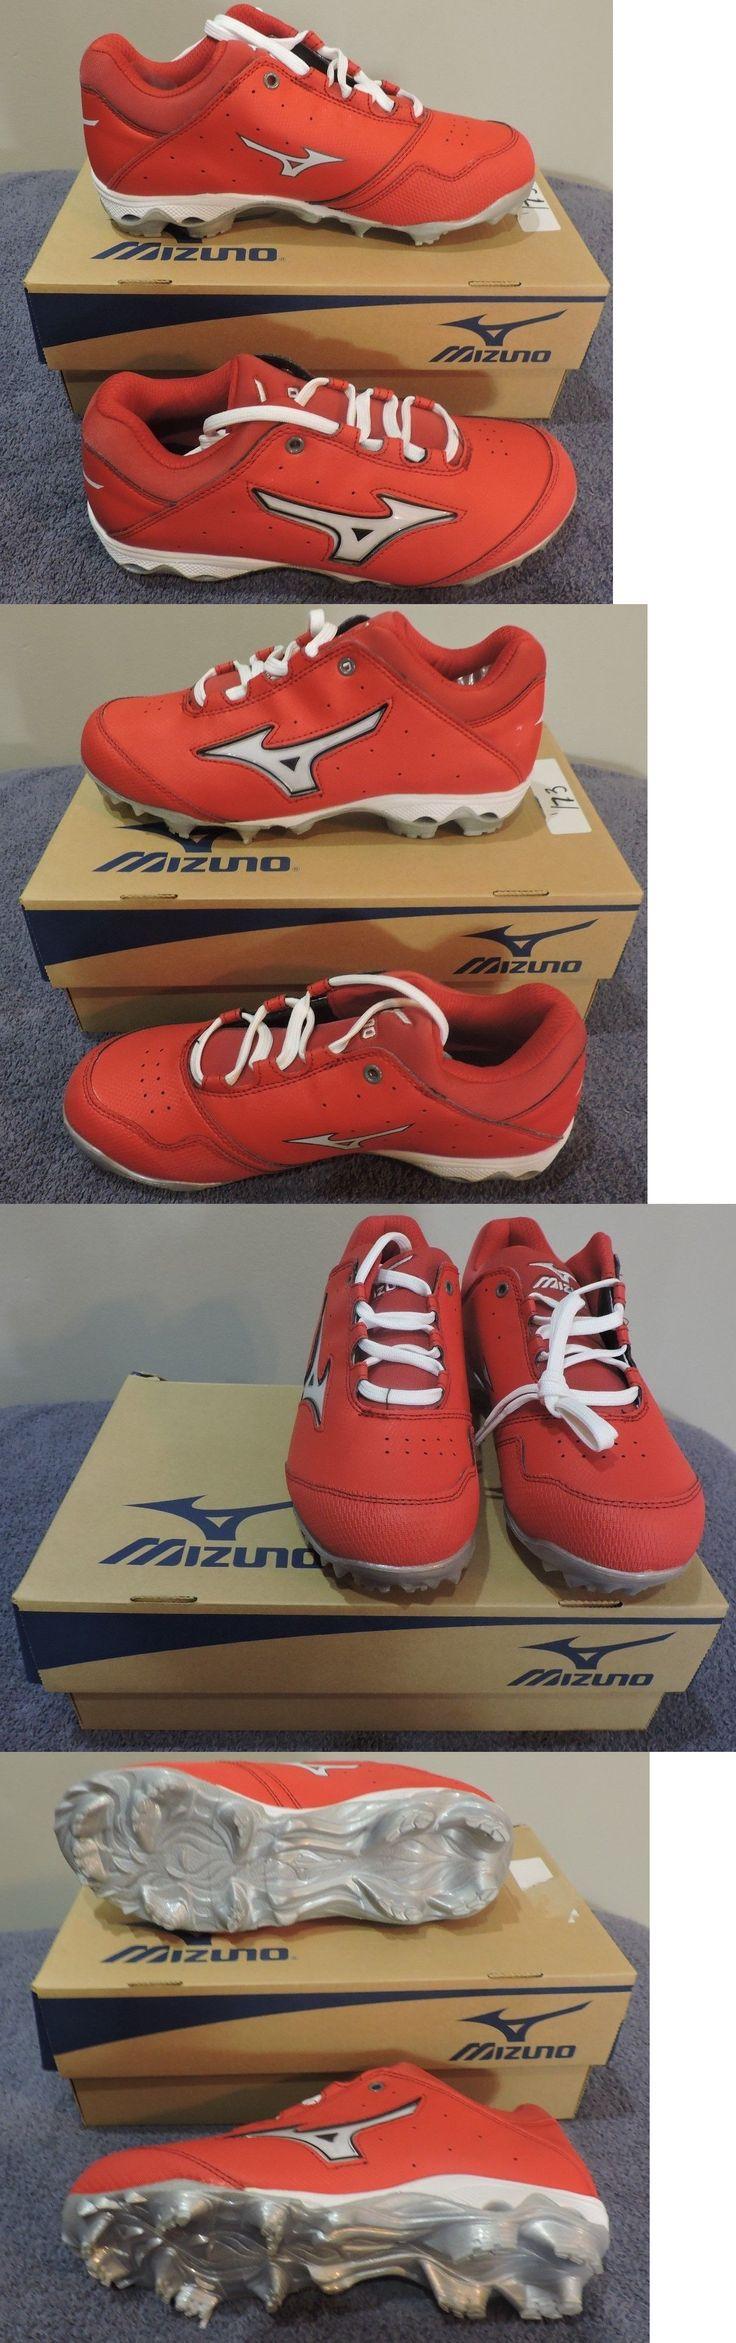 Womens 159060: Mizuno 9 Spike Finch Elite Switch Red/White Softball Cleats Sz 10(W)-Nib -> BUY IT NOW ONLY: $50.0 on eBay!